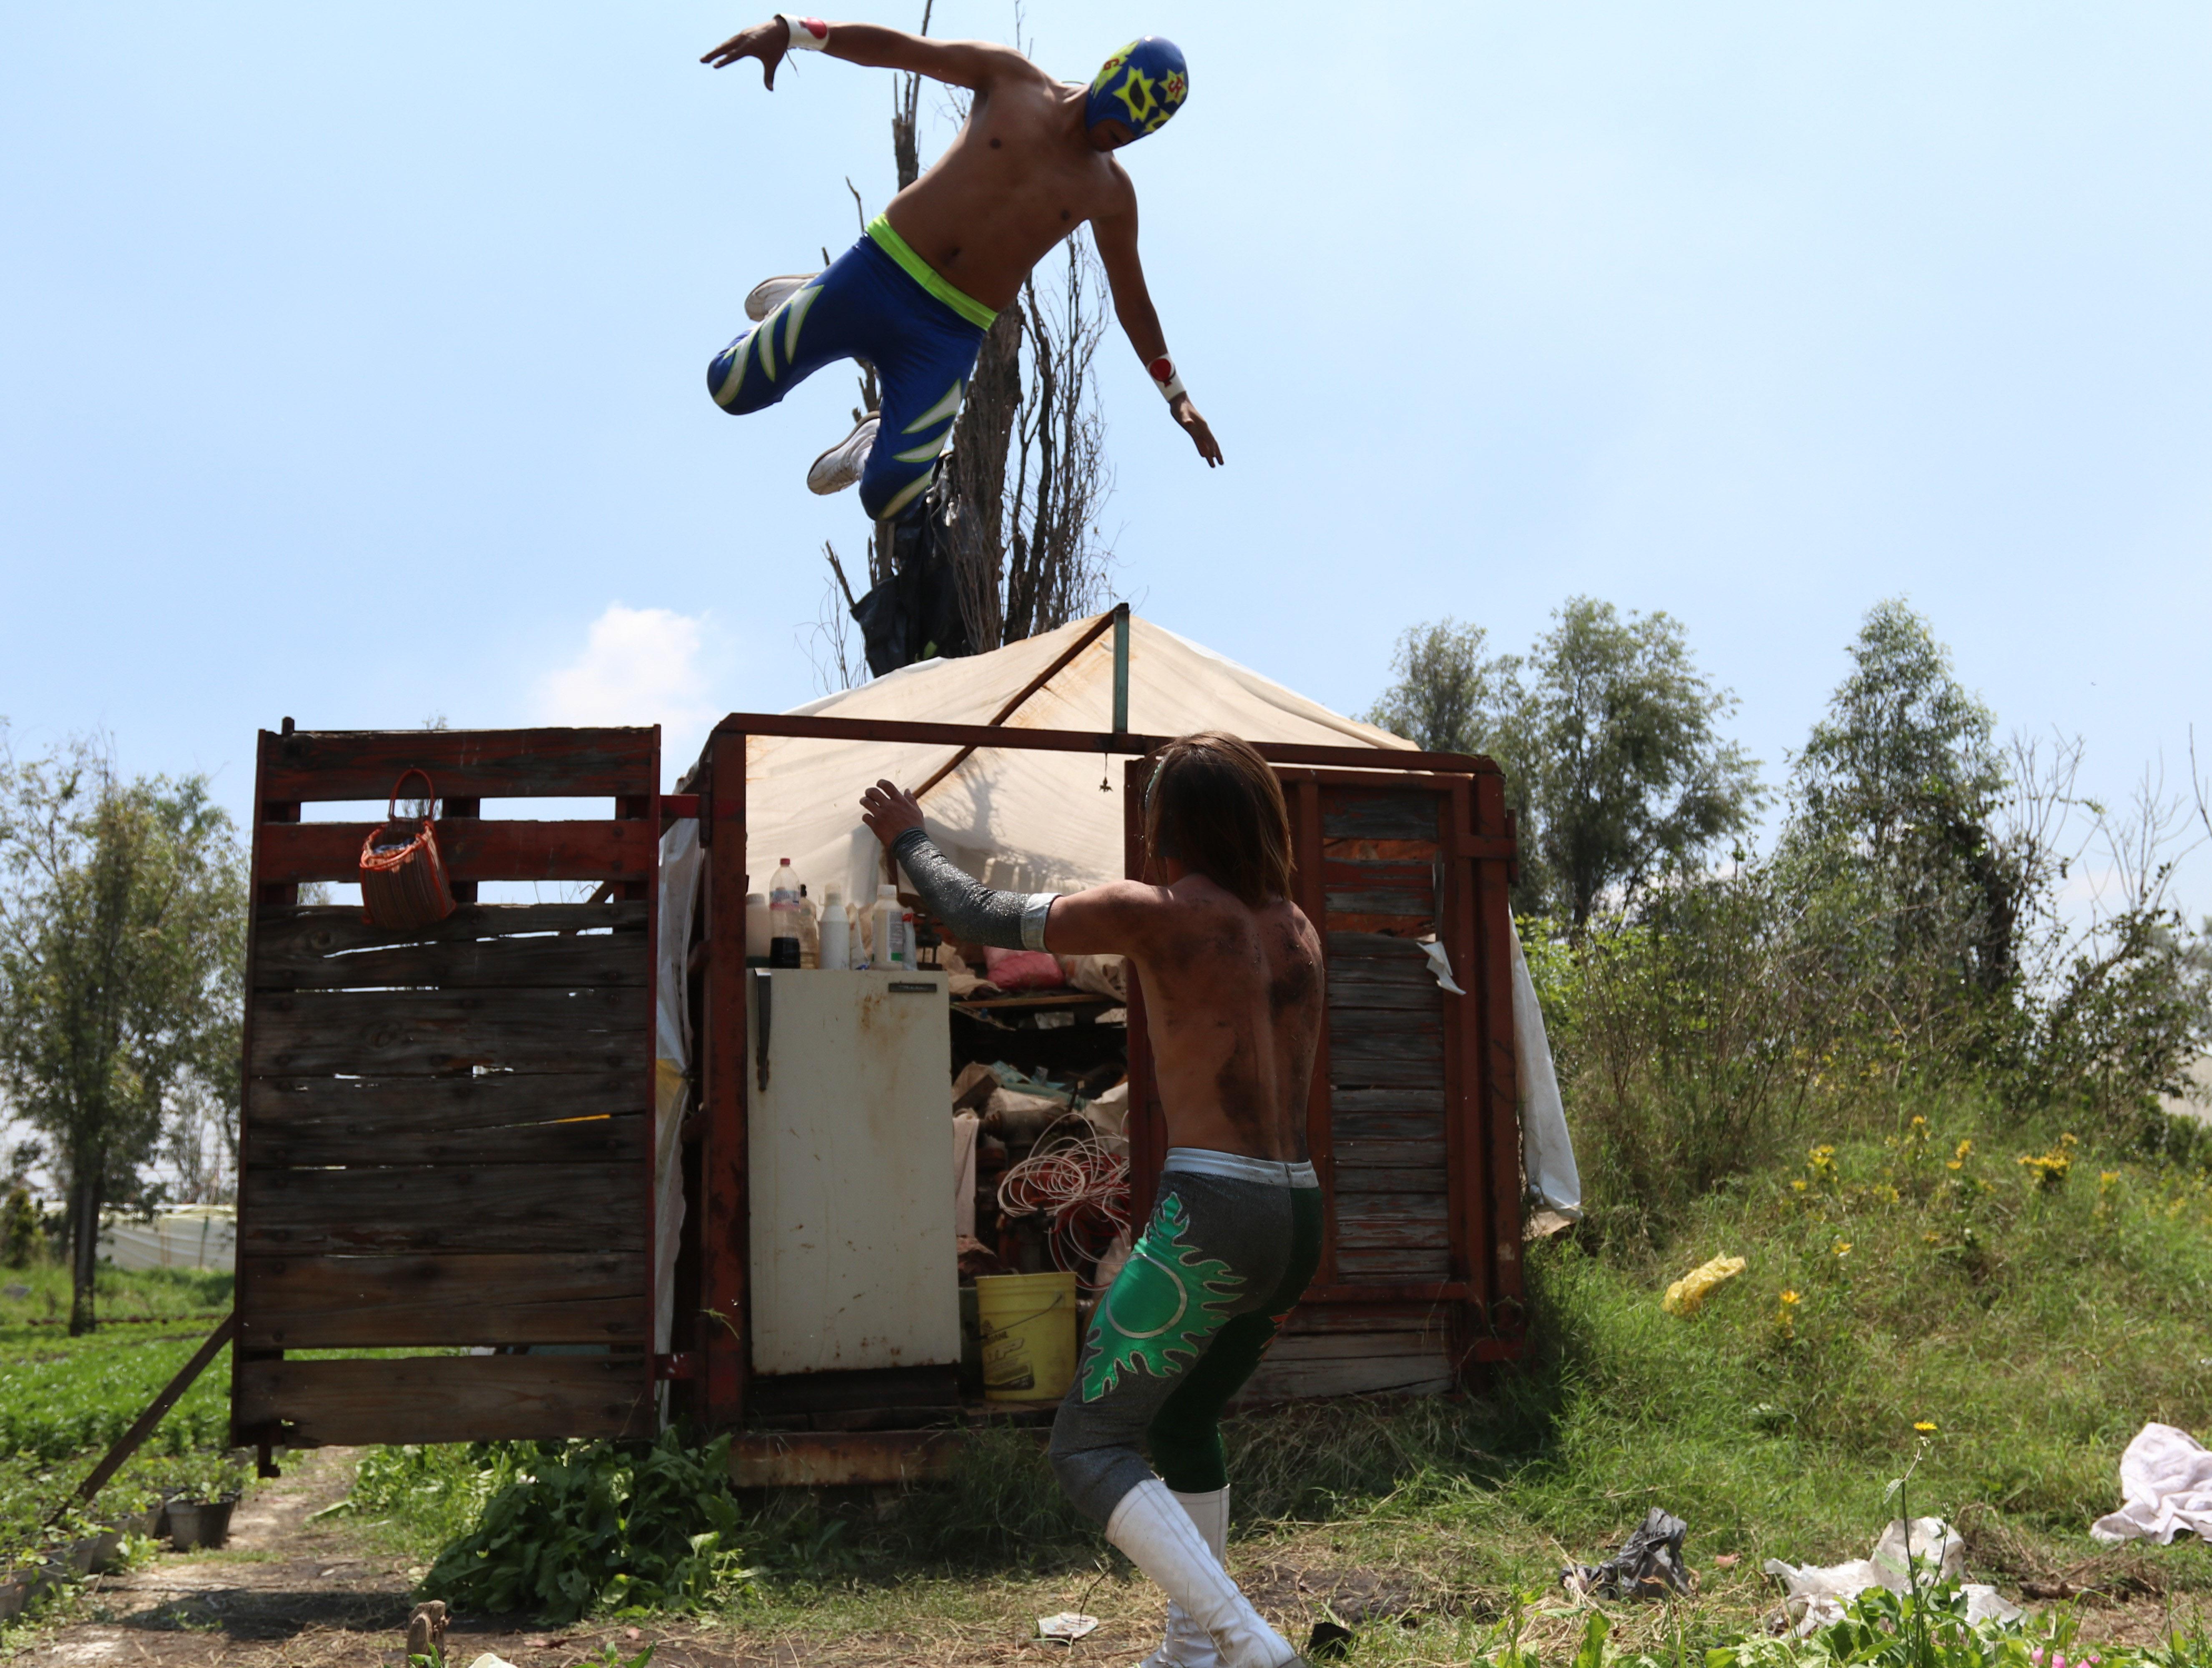 Las Chinampa Luchas son la modalidad en que los gladiadores de la Arena Olivares, en la alcaldía de Xochimilco, mantienen encendida la llama del deporte durante la pandemia por Covid-19.